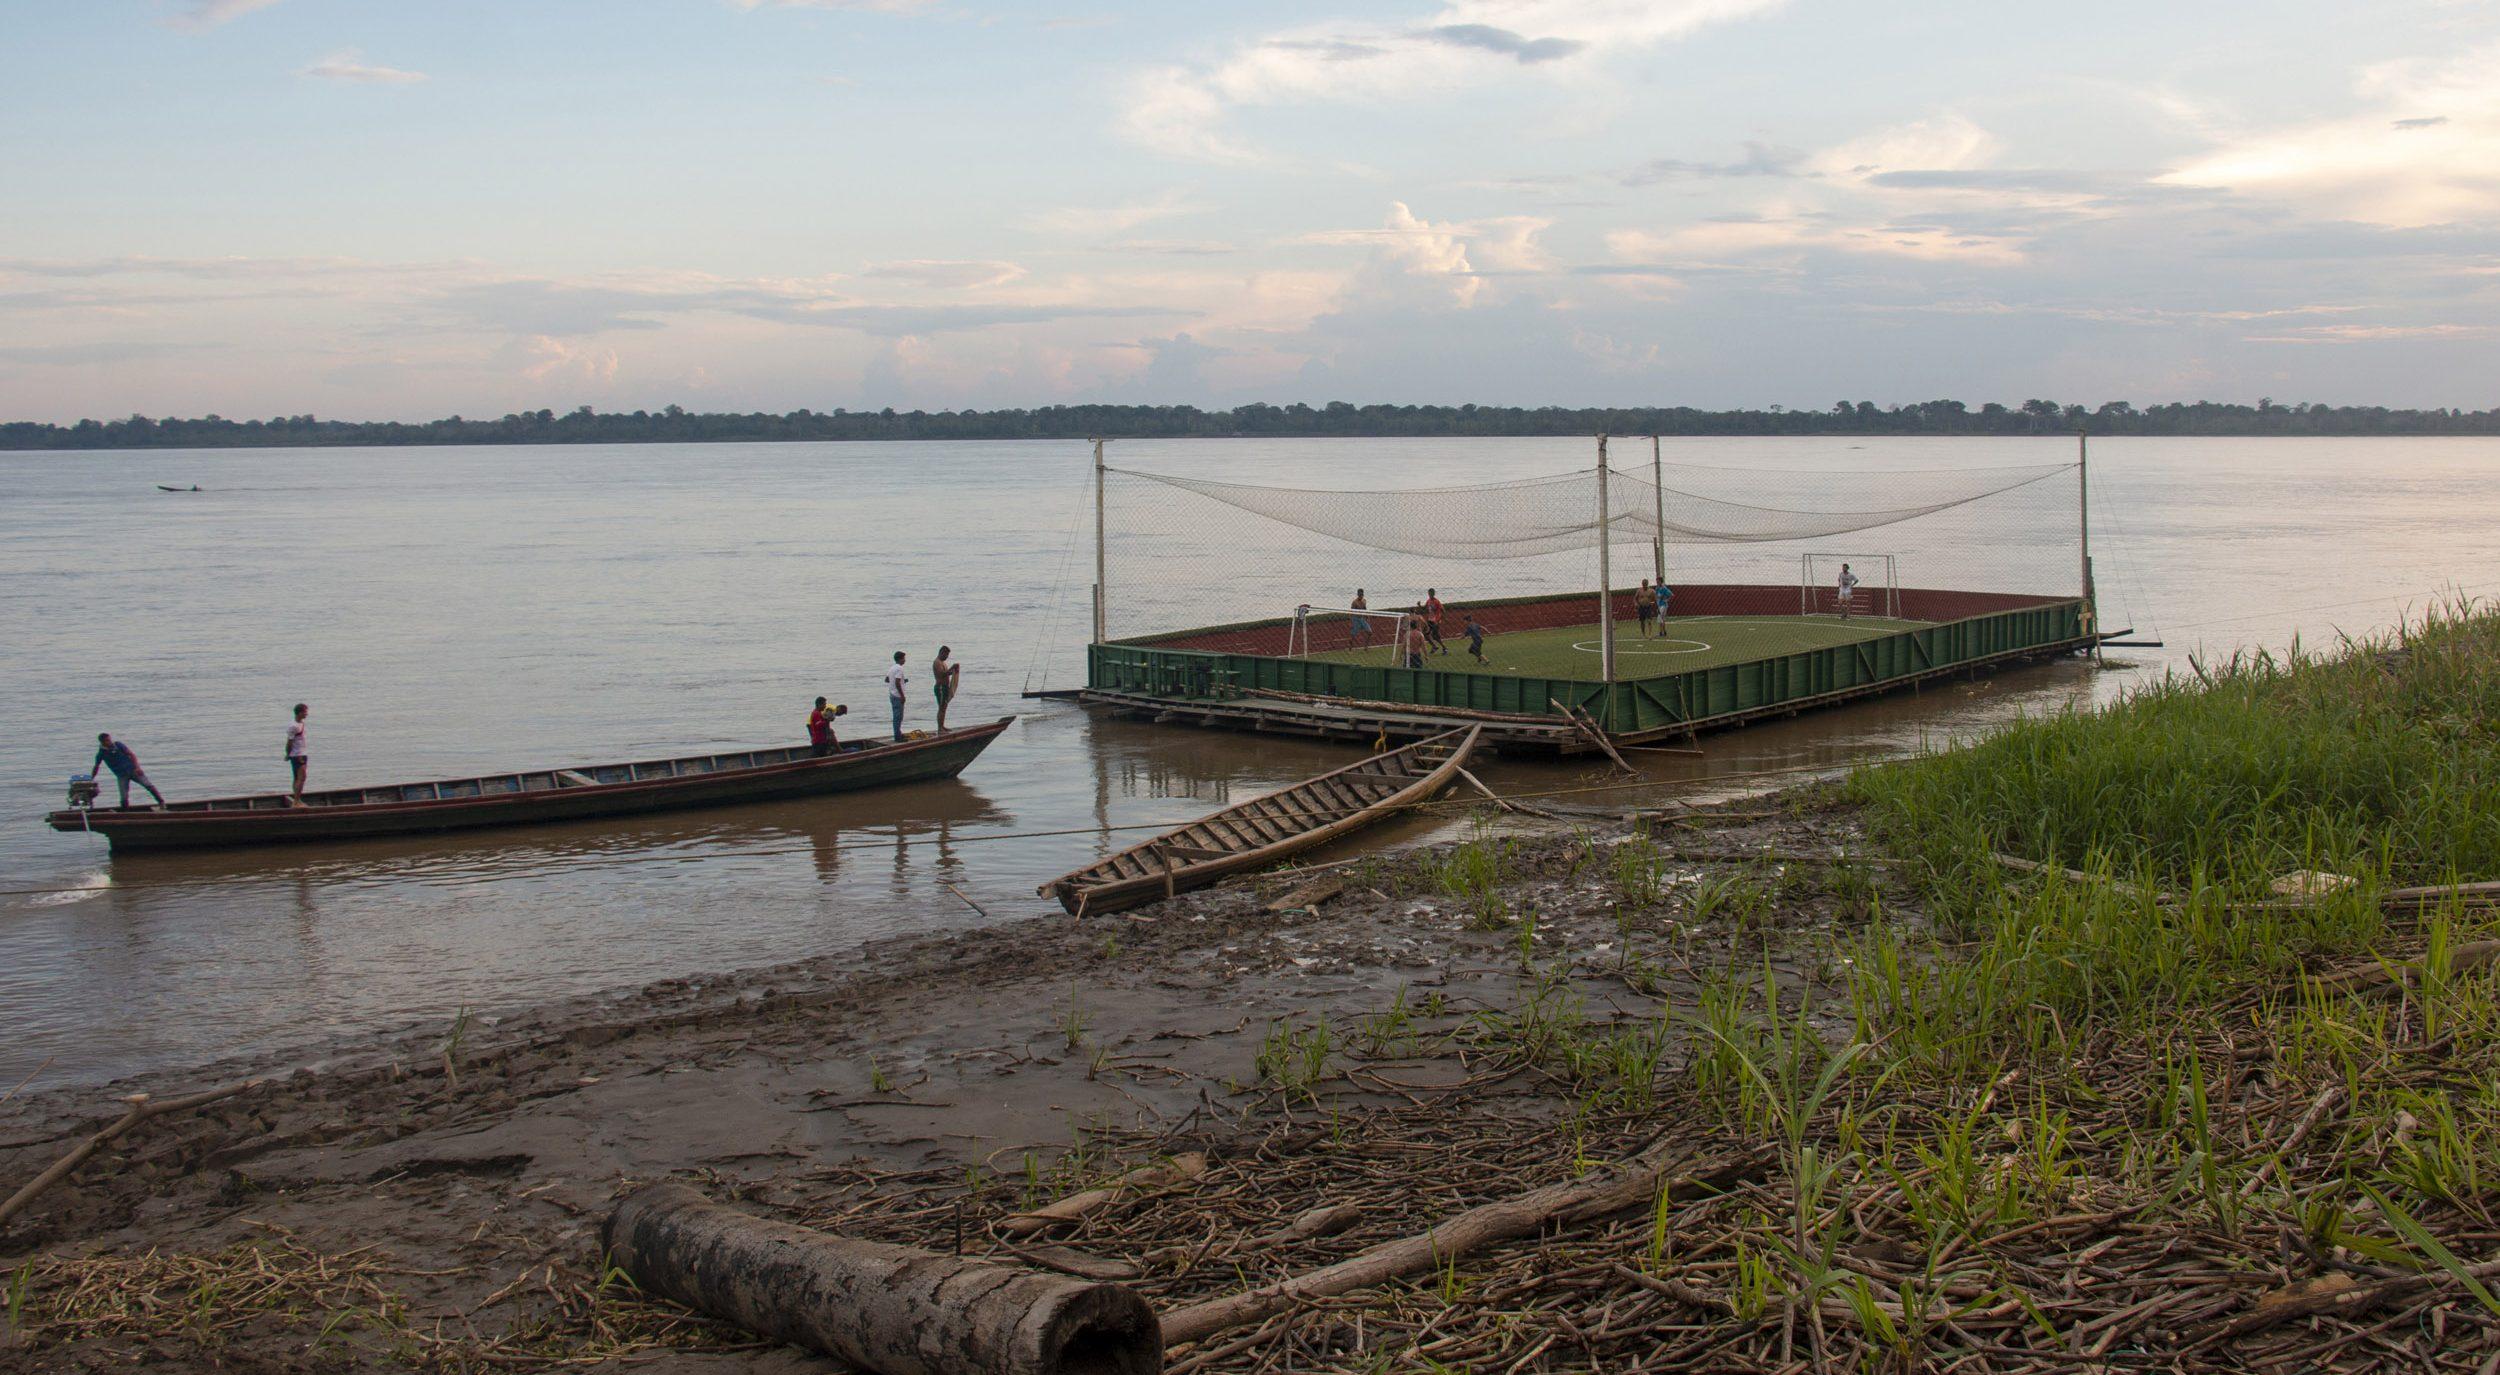 Cancha de fútbol sobre el río Amazonas.